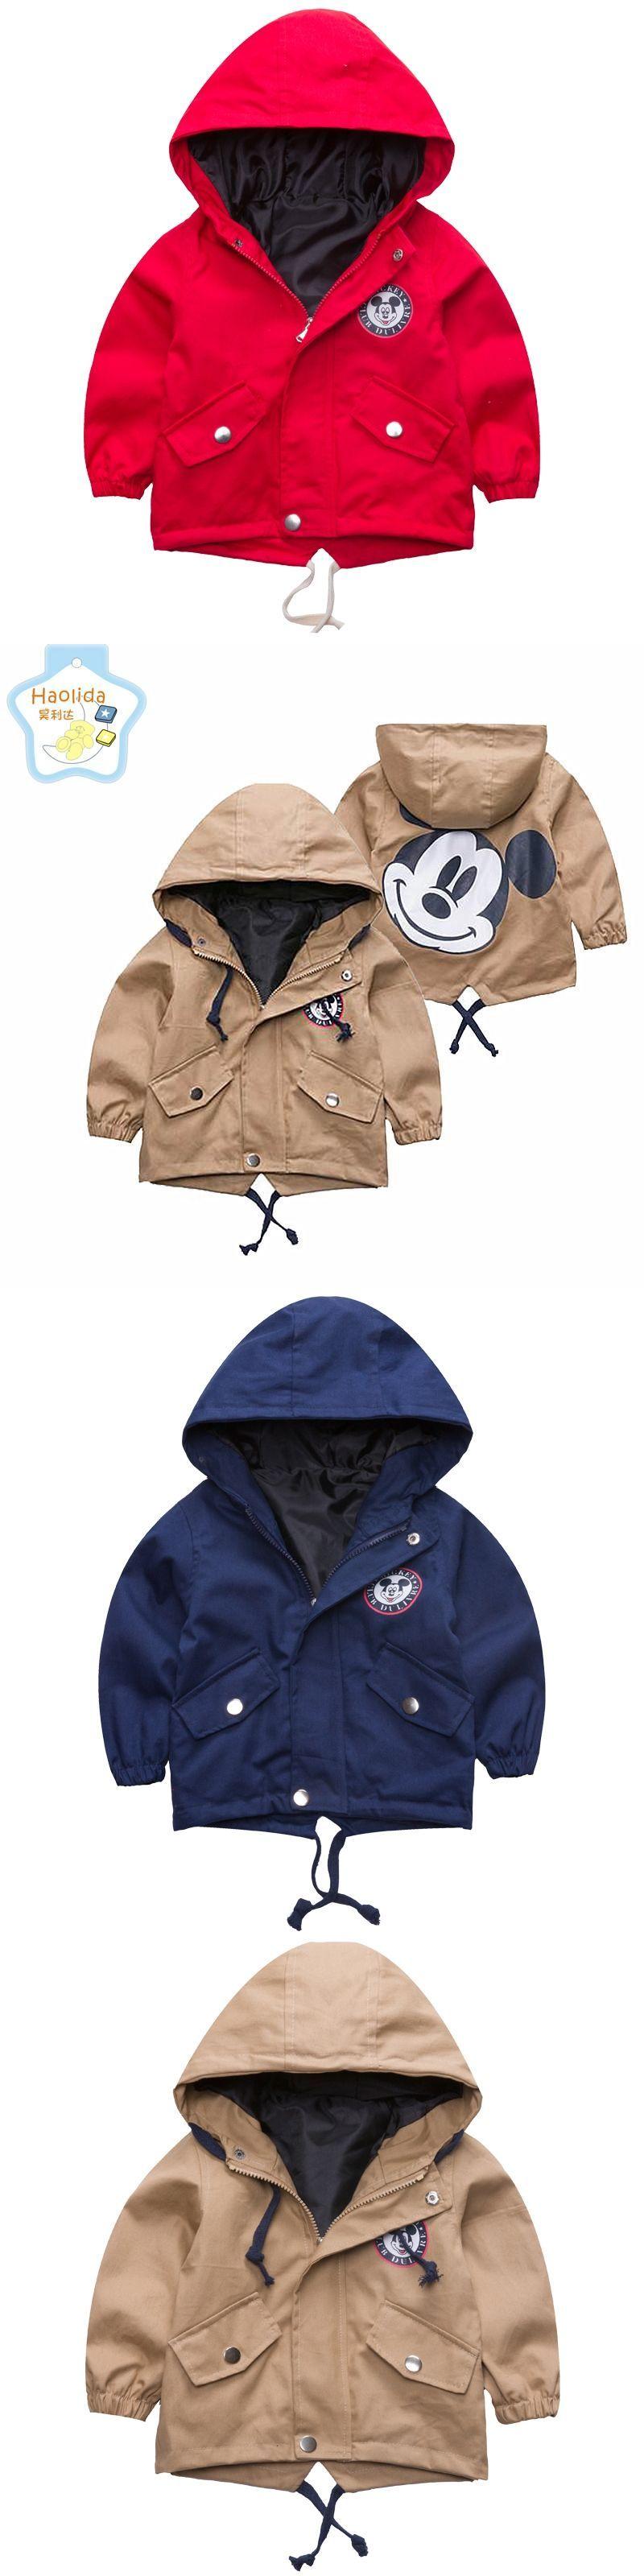 1c4ee30dafec 2017 Autumn Jacket Boys Girls Kids Outerwear Cute Mickey Windbreaker ...